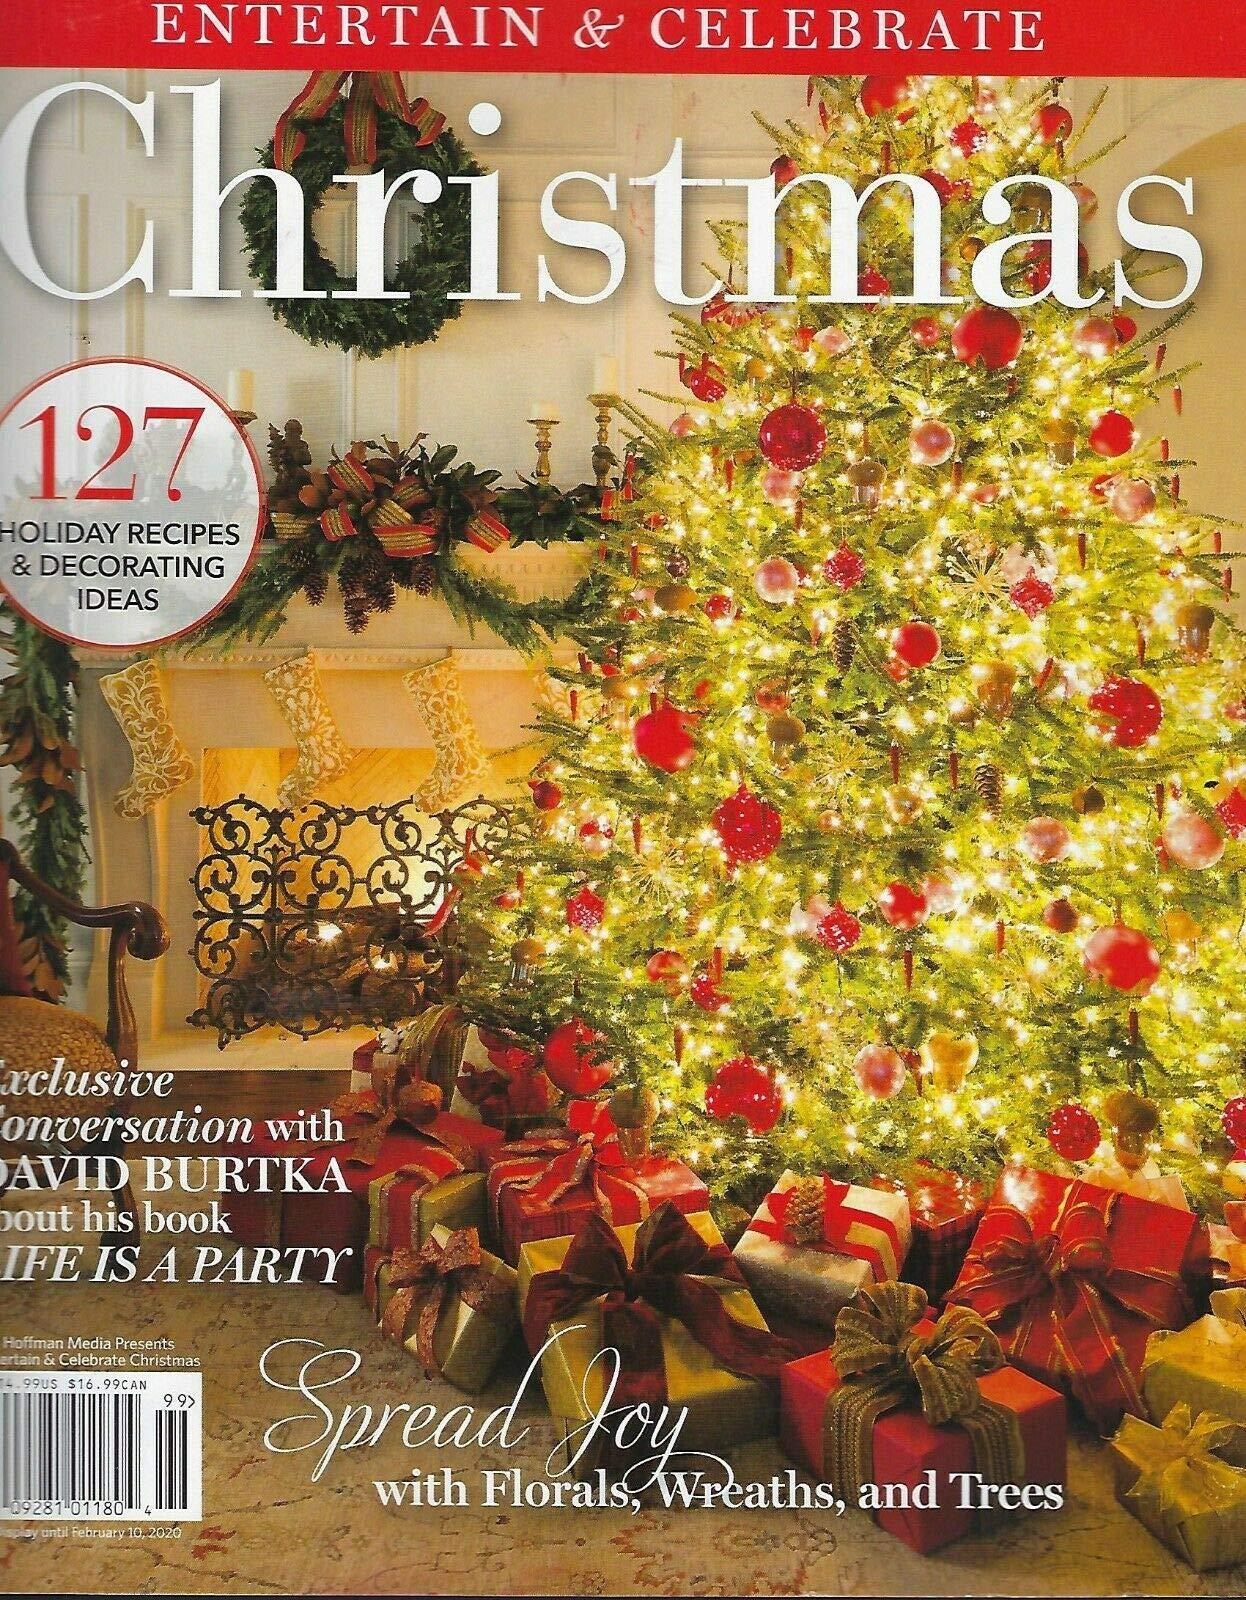 Christmas Magazines 2020 Entertain & Celebrate Christmas Magazine 2019 (127): hoff: Amazon